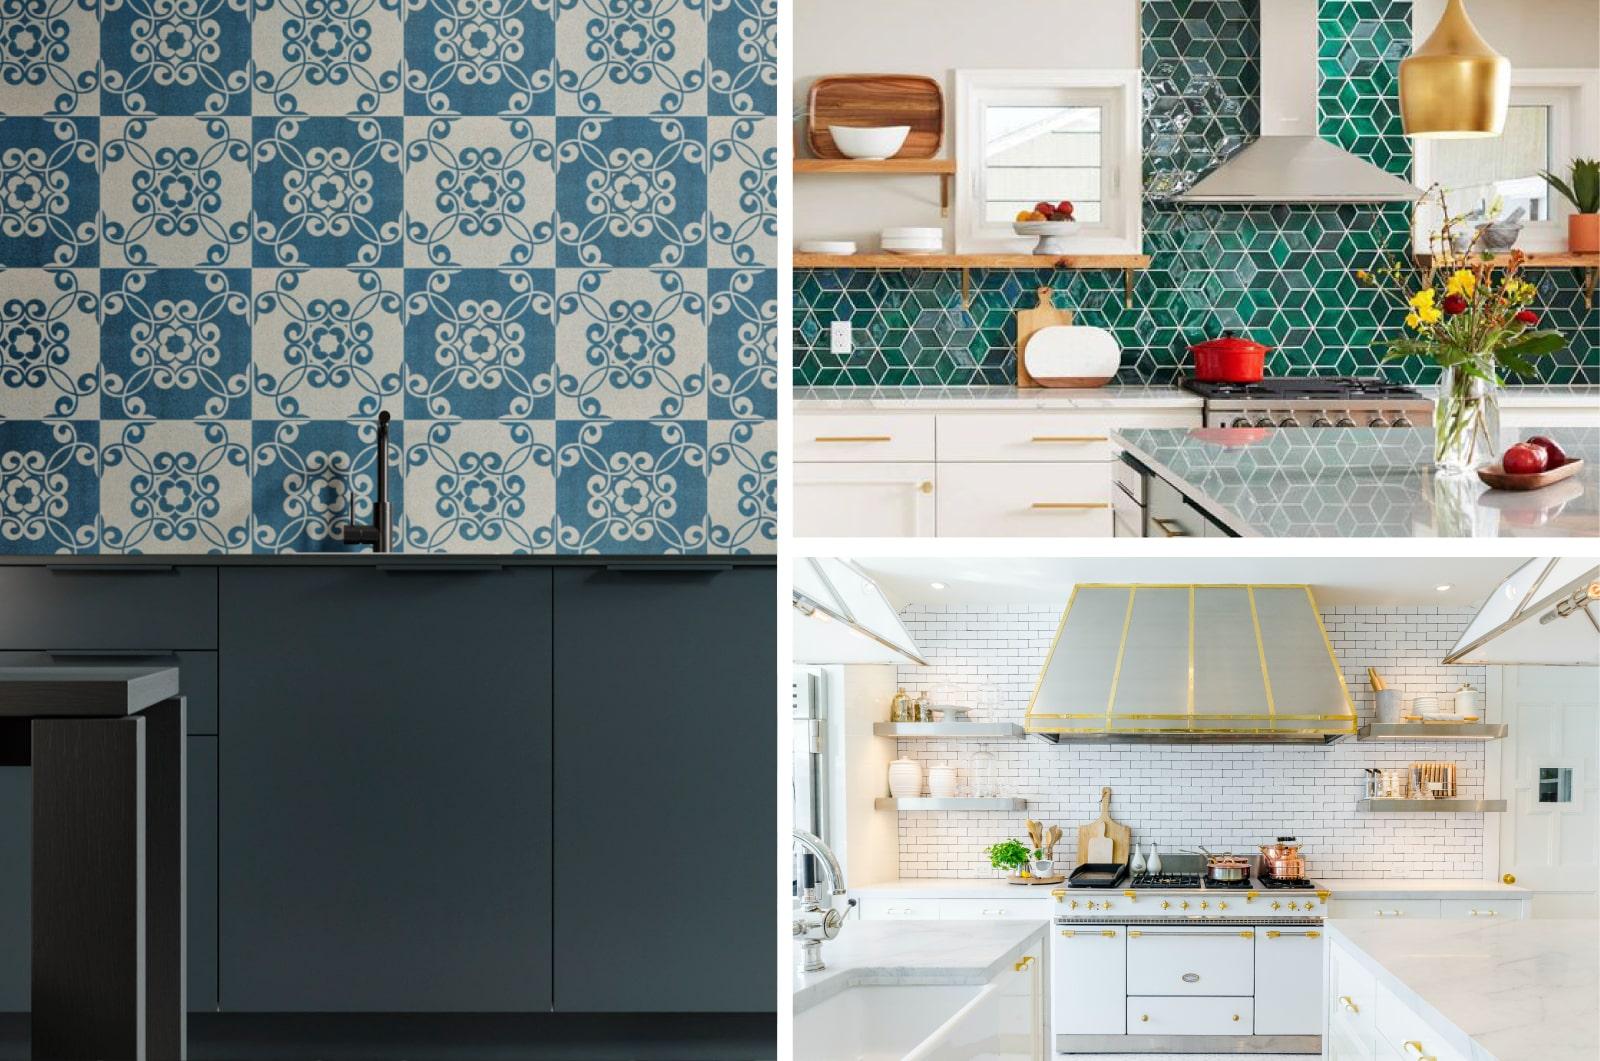 Cozinha-com-azulejos..jpg